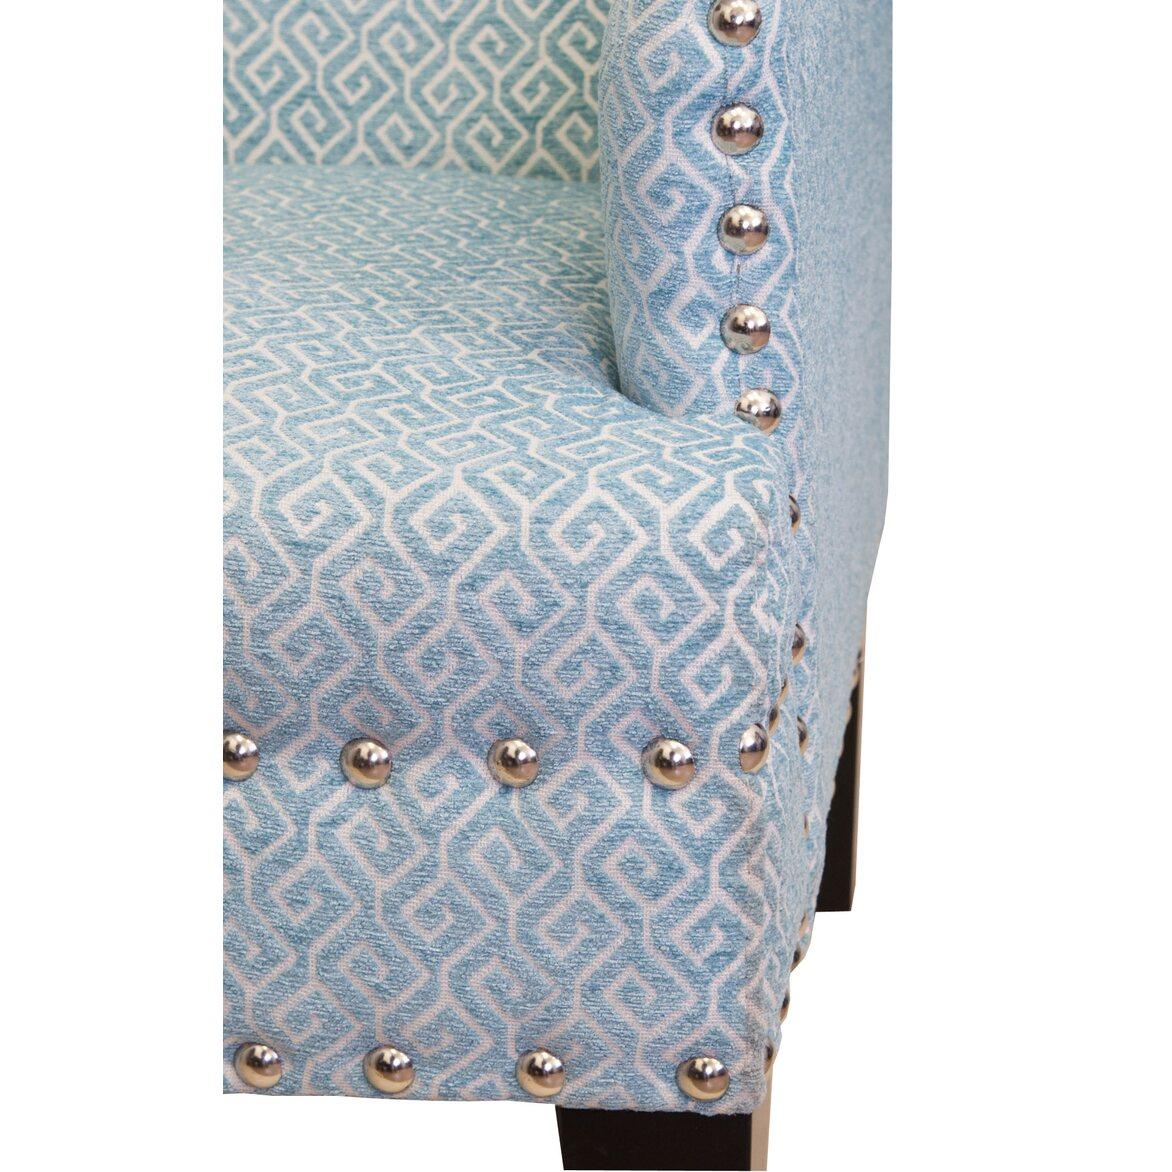 Кресло Mart blue 5 | Каминные кресла Kingsby